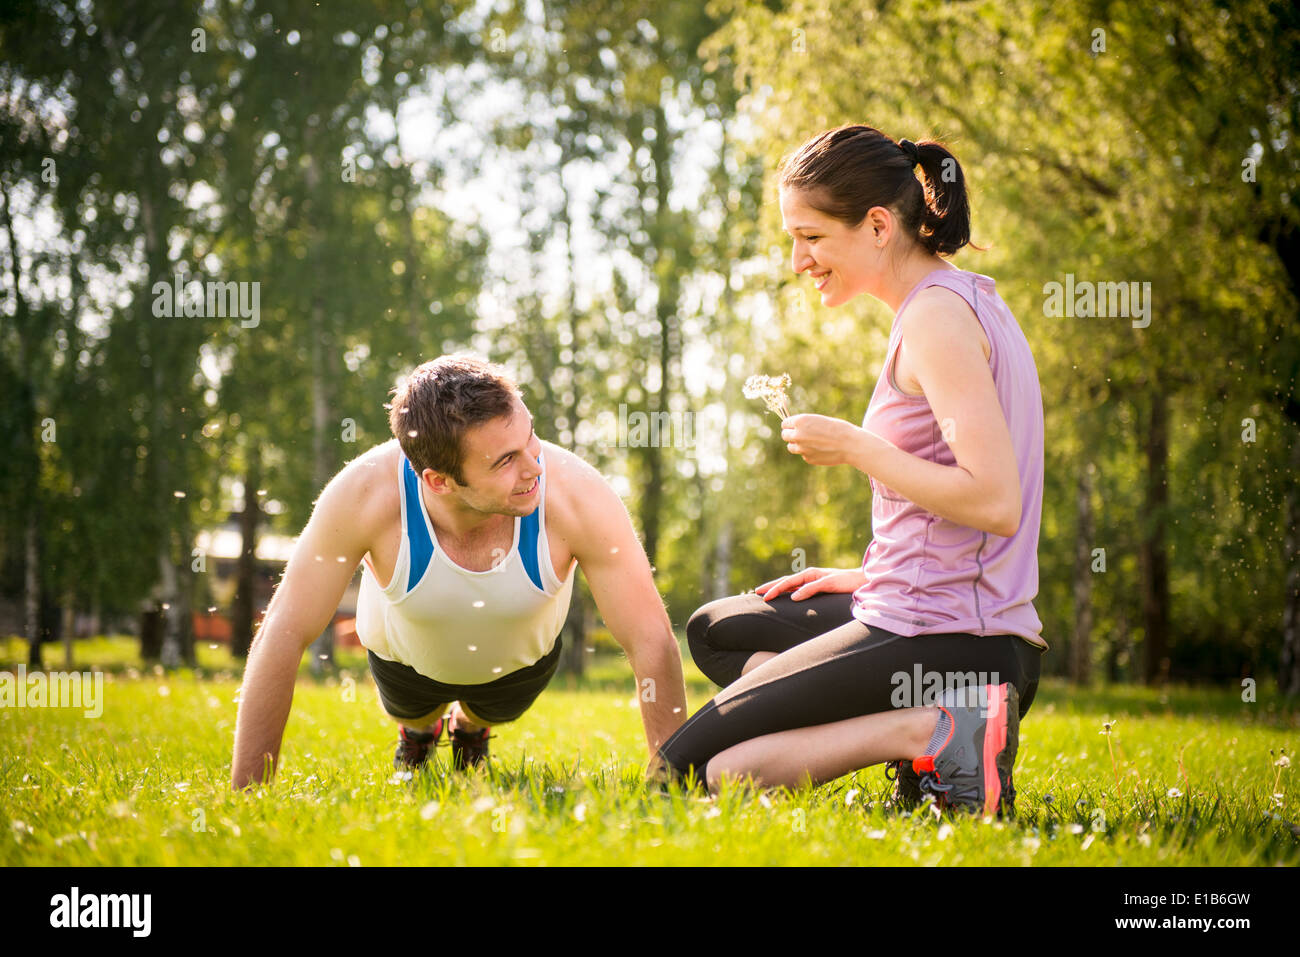 Hombre haciendo push-ups mientras la mujer está soplando sobre él - Semillas de diente de león en la naturaleza al aire libre Imagen De Stock